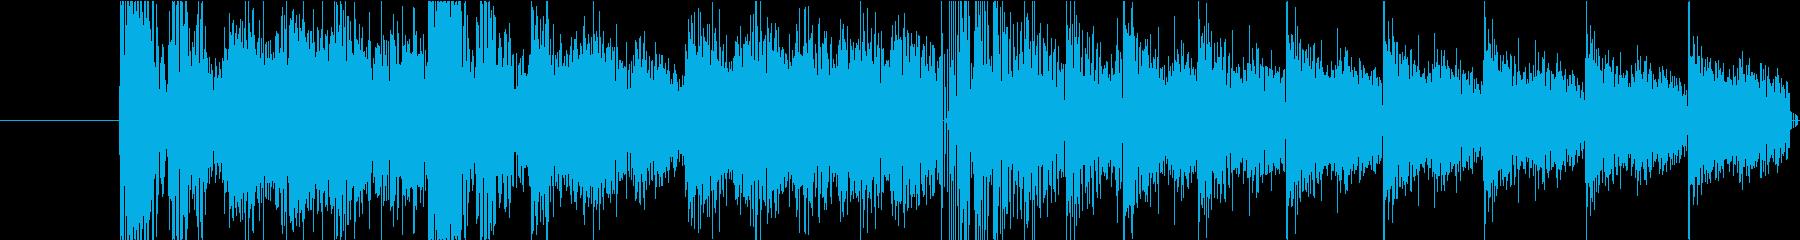 メカニカル/ロボットのサウンドドラ...の再生済みの波形